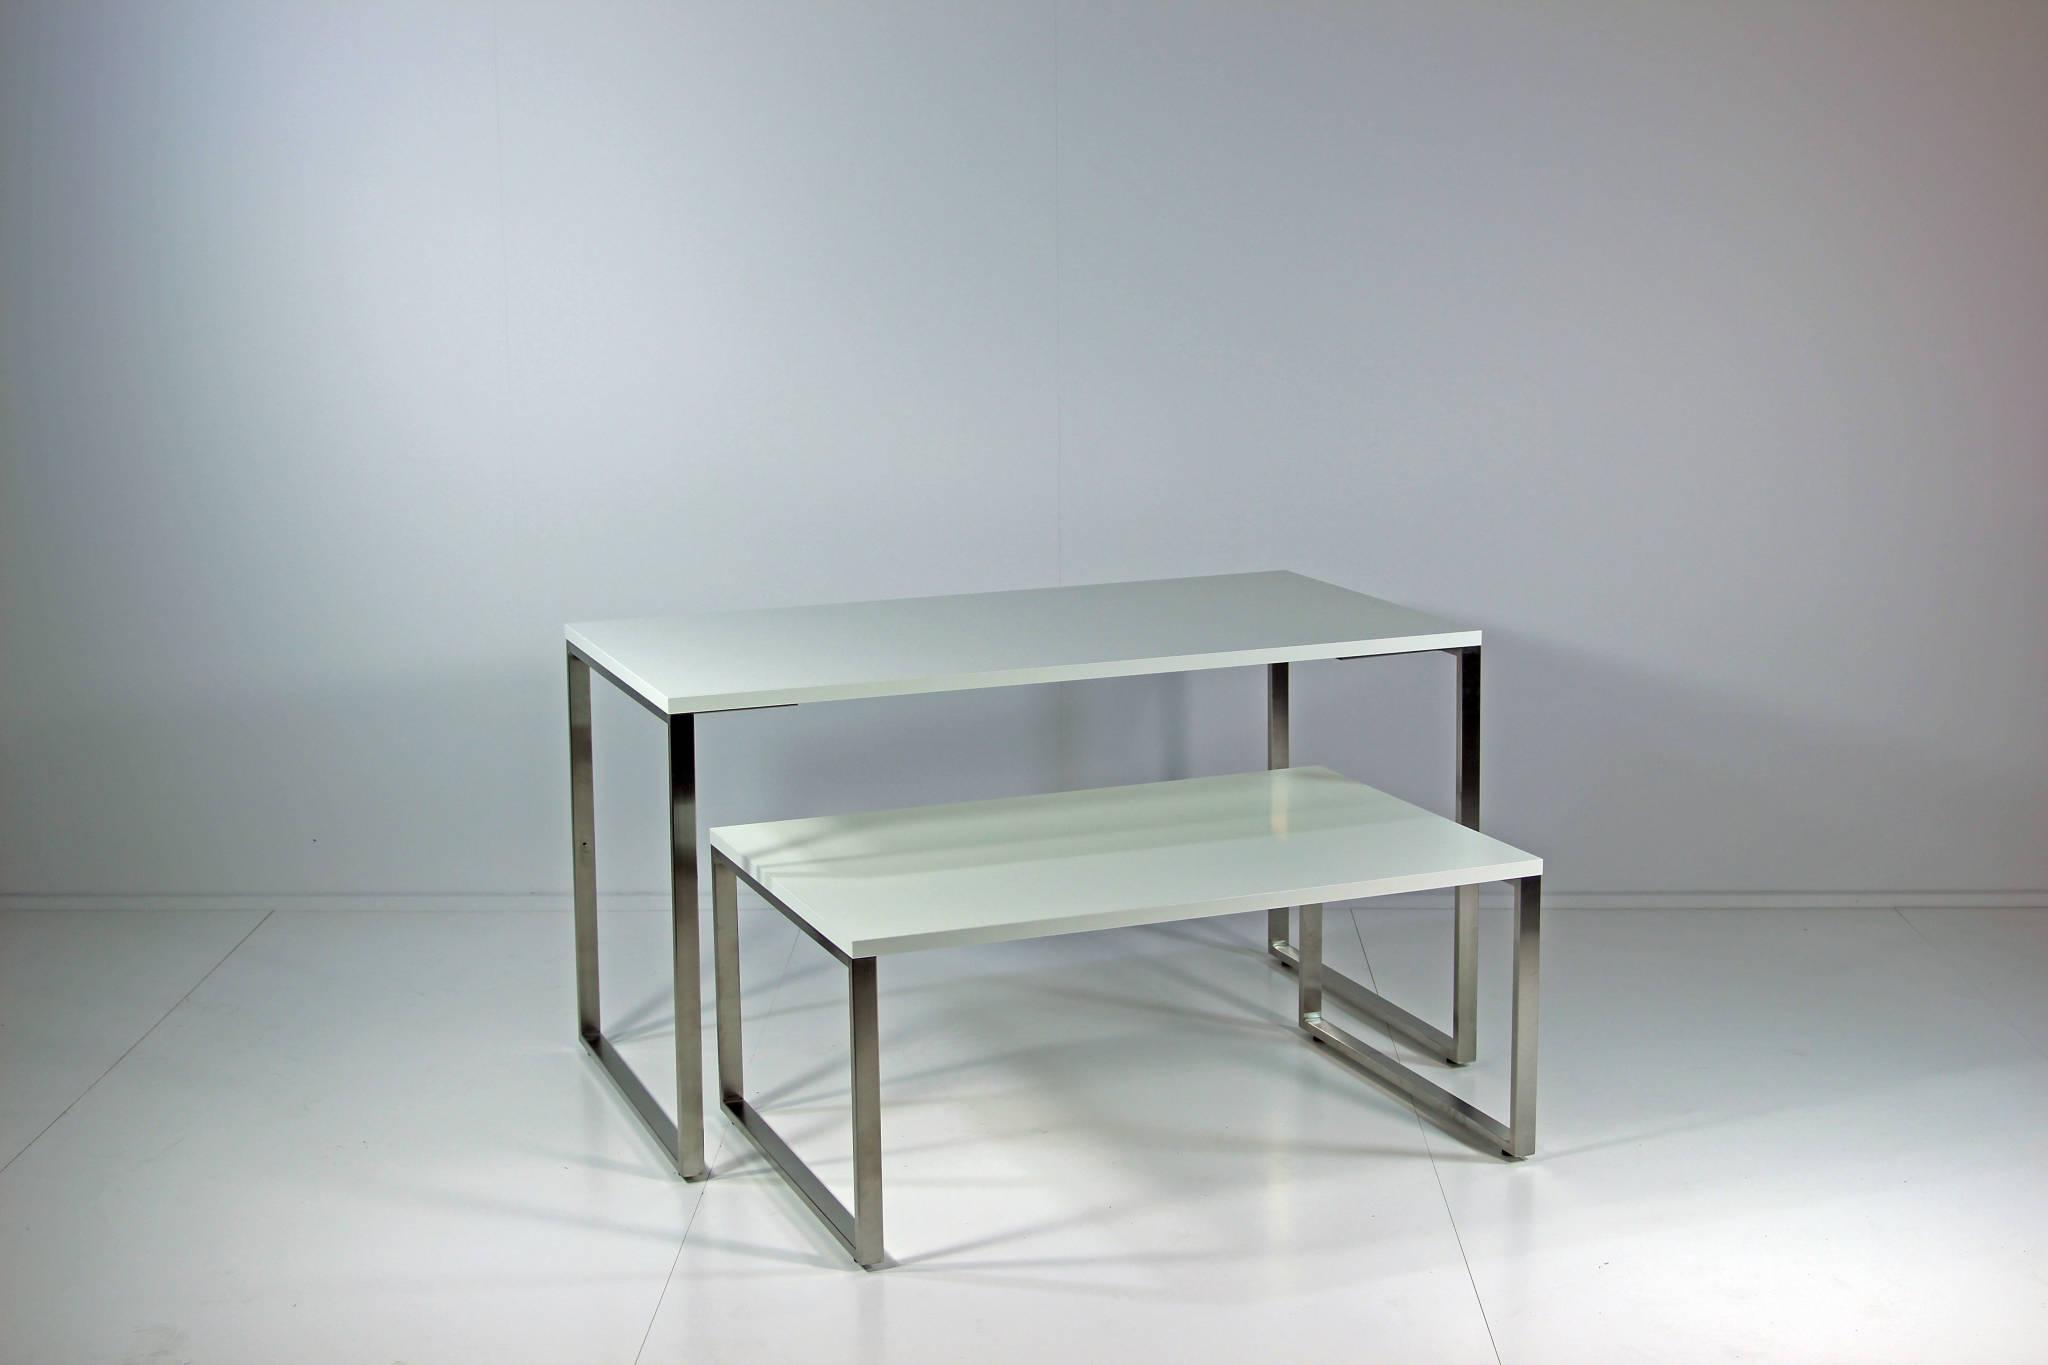 Bordene anvendes sammen og du optimere dit salgs område - anvend en torso til udstilling og du har en effektiv salgsmaskine.